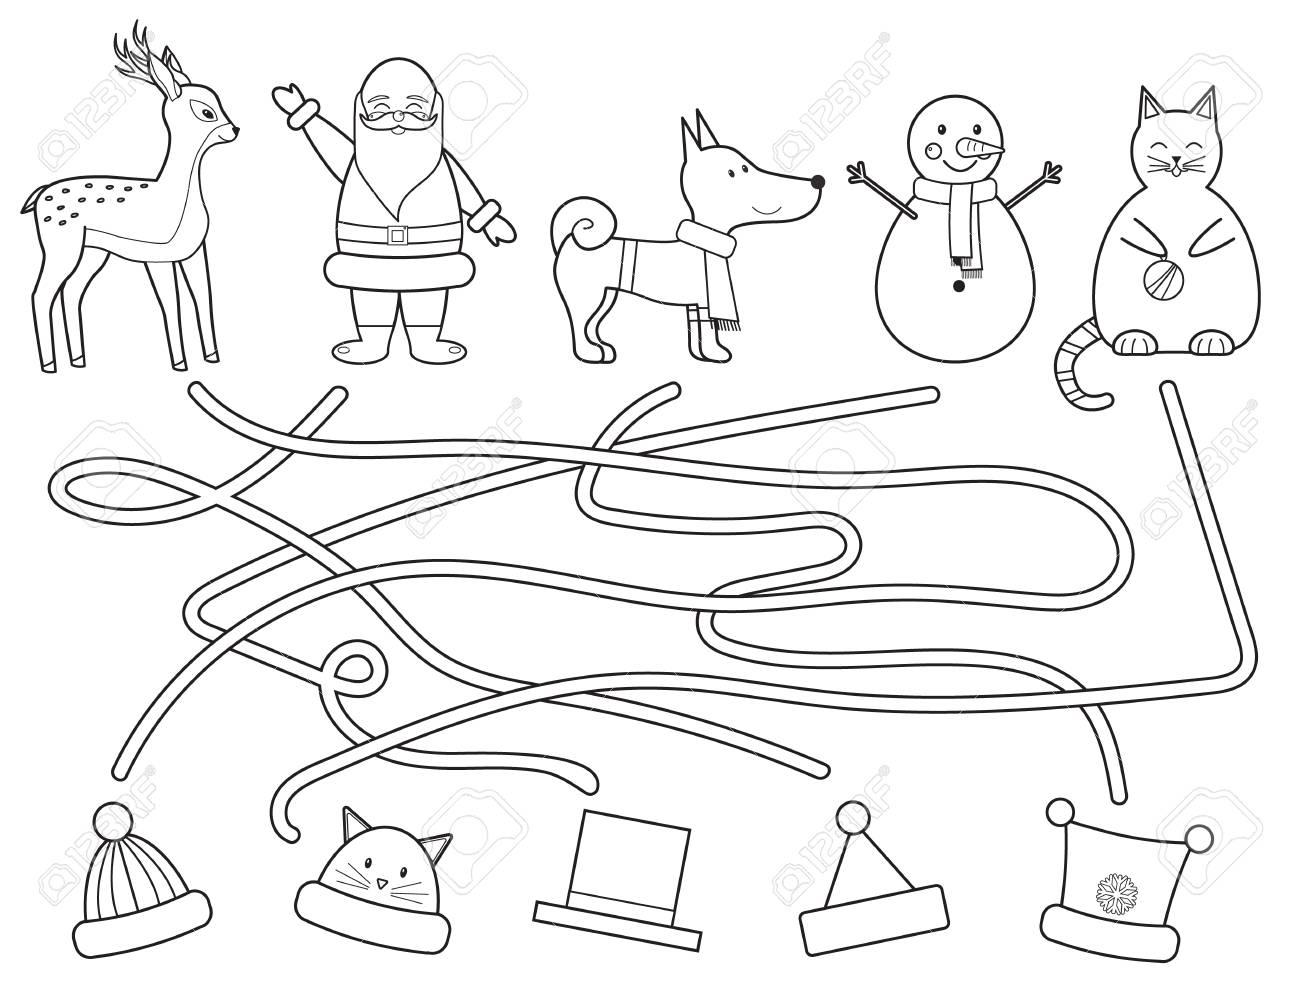 Coloriage En Ligne Educatif.Coloriage Le Labyrinthe De Noel Des Enfants Aide A Trouver Le Chapeau D Hiver Jeu Educatif Illustration Vectorielle Style De Ligne Art